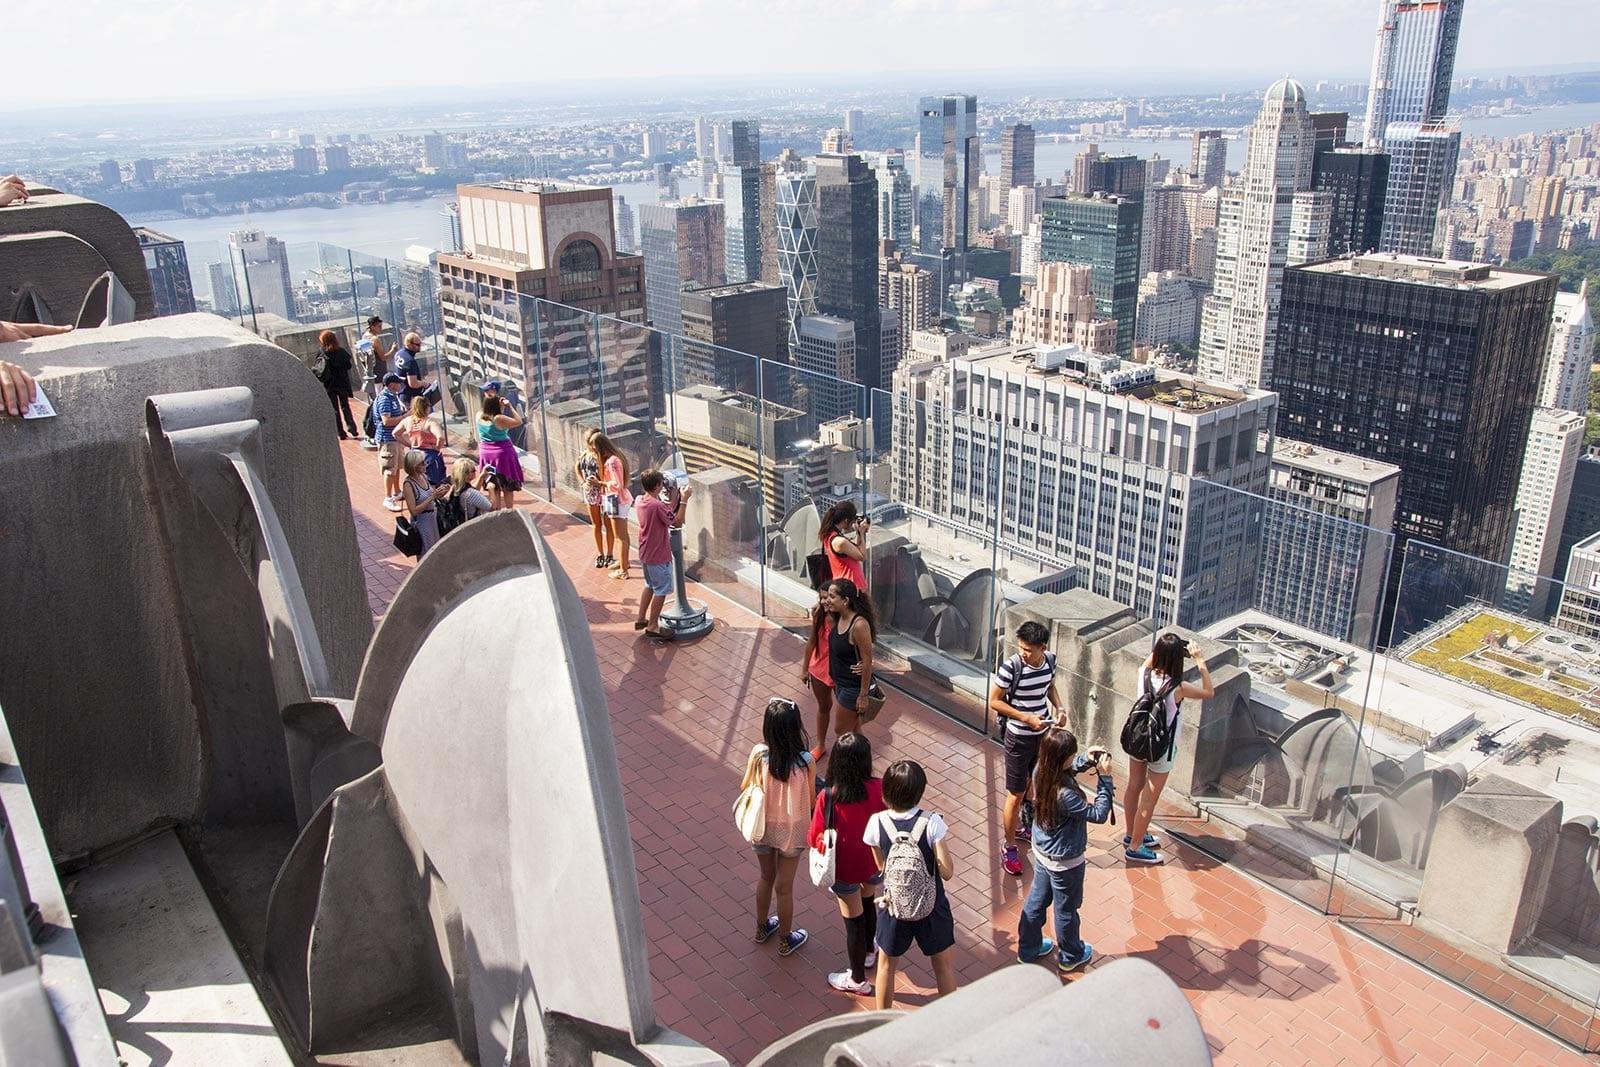 Gute Erfahrungen am Top of the Rock: enthalten im New York Pass, Explorer Pass und auch CityPASS